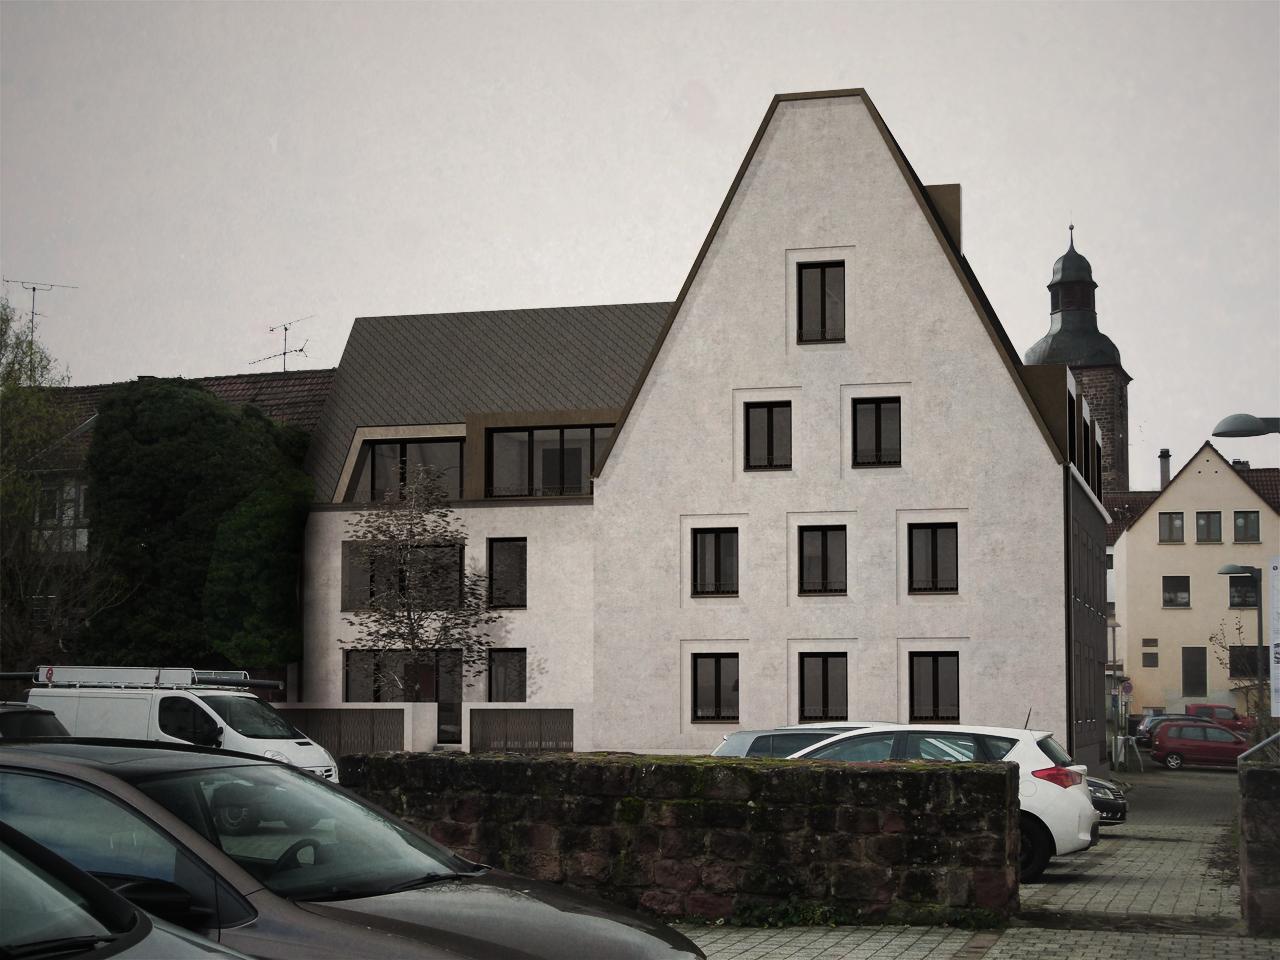 4_1_Quodgasse_Annweiler